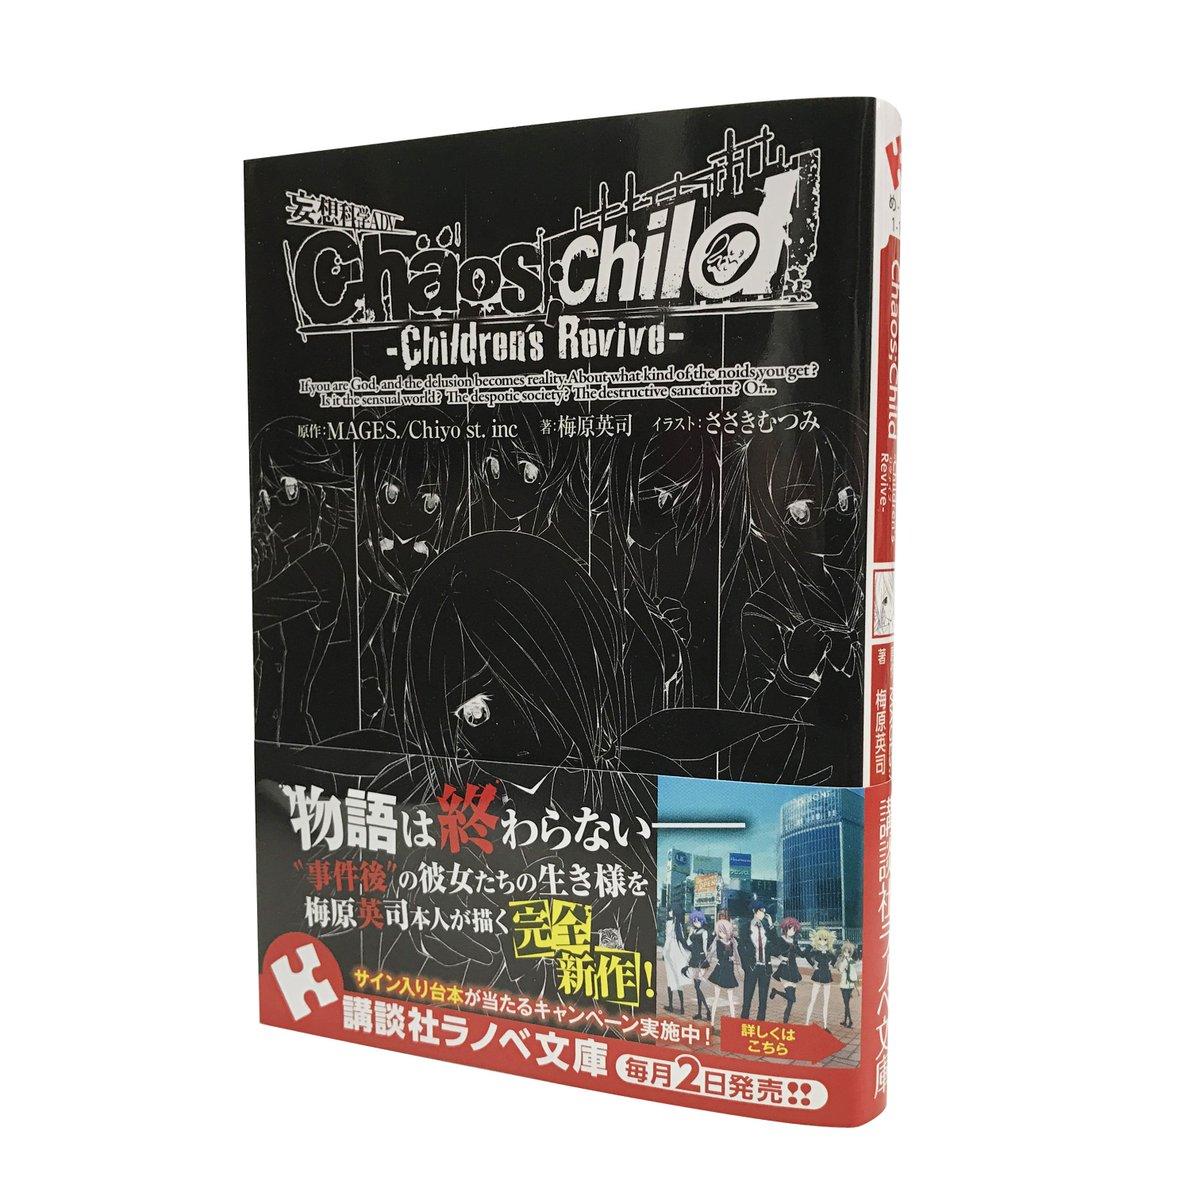 講談社ラノベ文庫『Chaos;Child -Children's Revive-』梅原 英司 (著)、ささき むつみ (